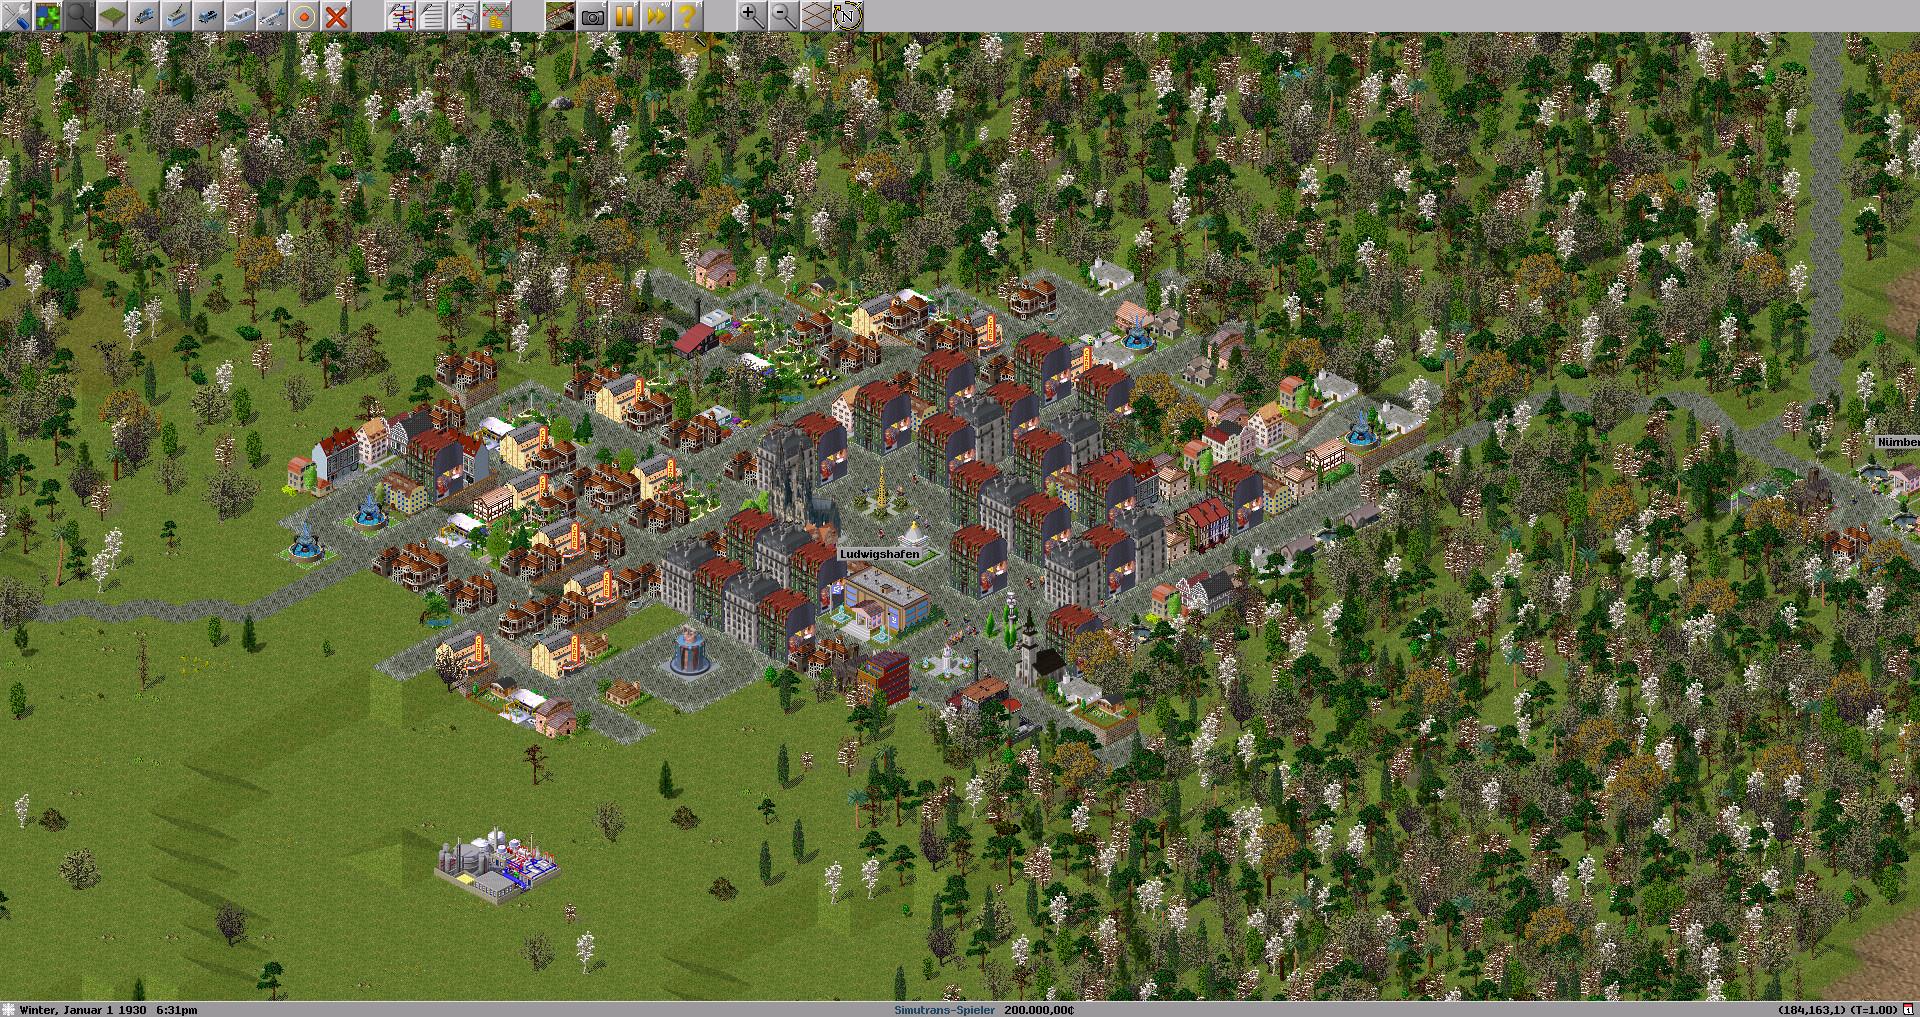 Screenshot 1 - Simutrans